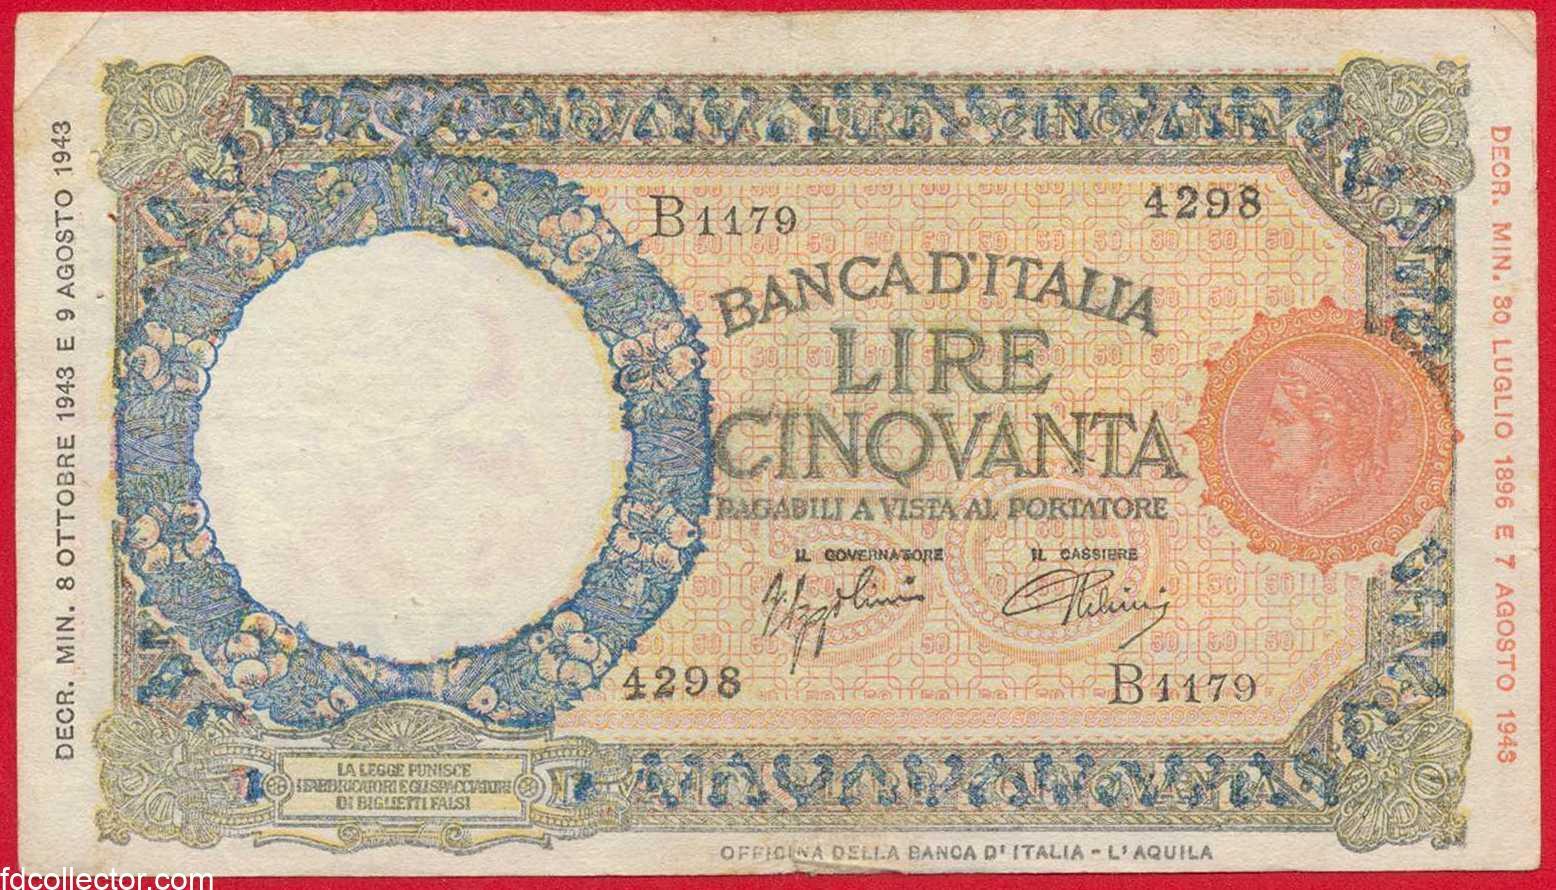 italie-banca-italia-cinqvanta-lire-50-1943-1179